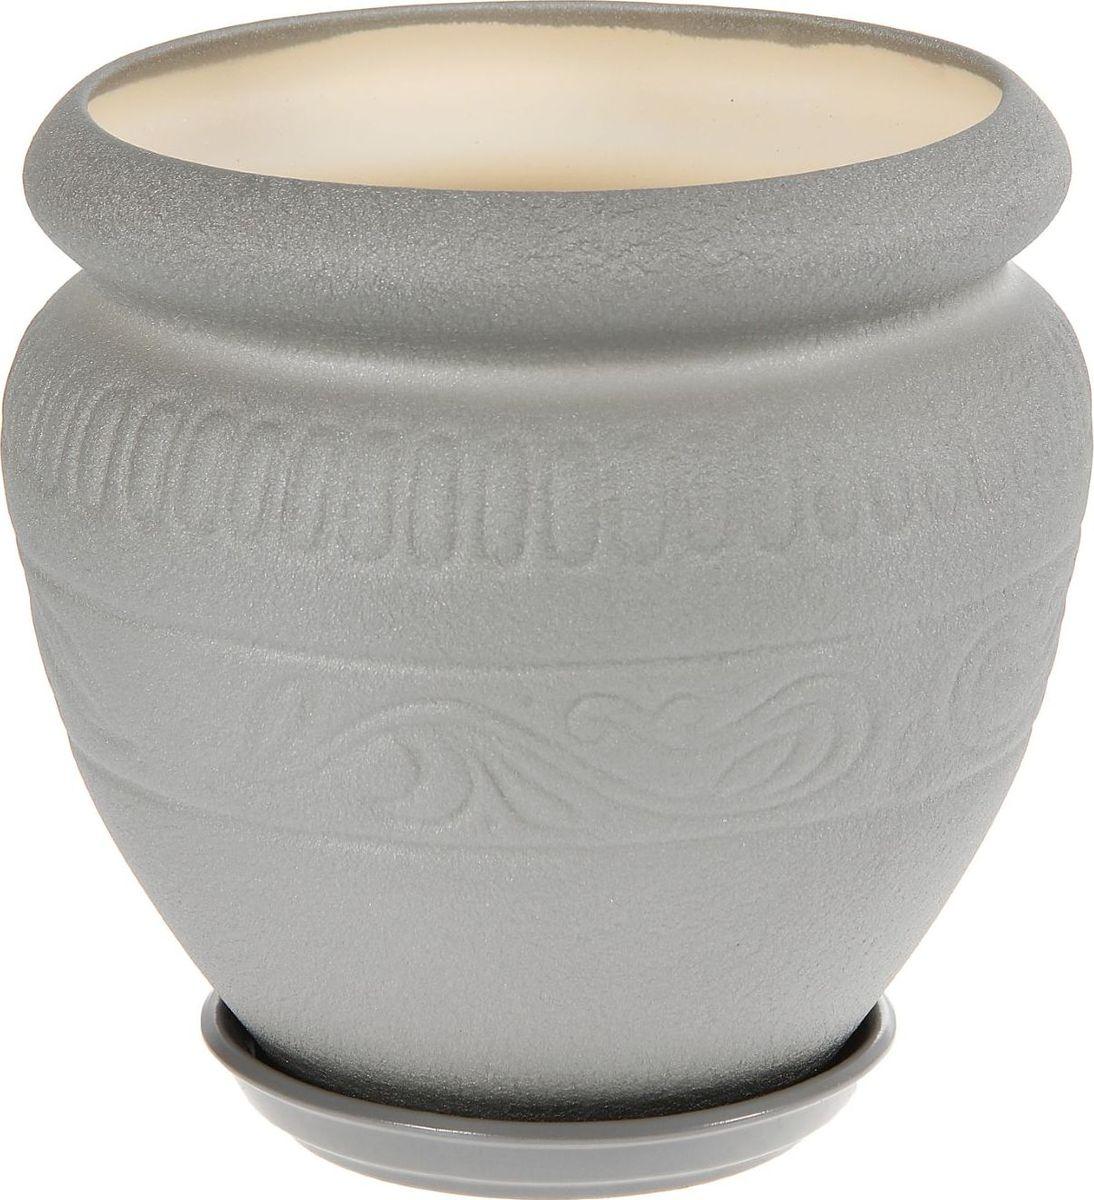 Кашпо Керамика ручной работы Амфора, цвет: серебристый, 7,5 л1136881Комнатные растения — всеобщие любимцы. Они радуют глаз, насыщают помещение кислородом и украшают пространство. Каждому из них необходим свой удобный и красивый дом. Кашпо из керамики прекрасно подходят для высадки растений: за счёт пластичности глины и разных способов обработки существует великое множество форм и дизайновпористый материал позволяет испаряться лишней влагевоздух, необходимый для дыхания корней, проникает сквозь керамические стенки! #name# позаботится о зелёном питомце, освежит интерьер и подчеркнёт его стиль.